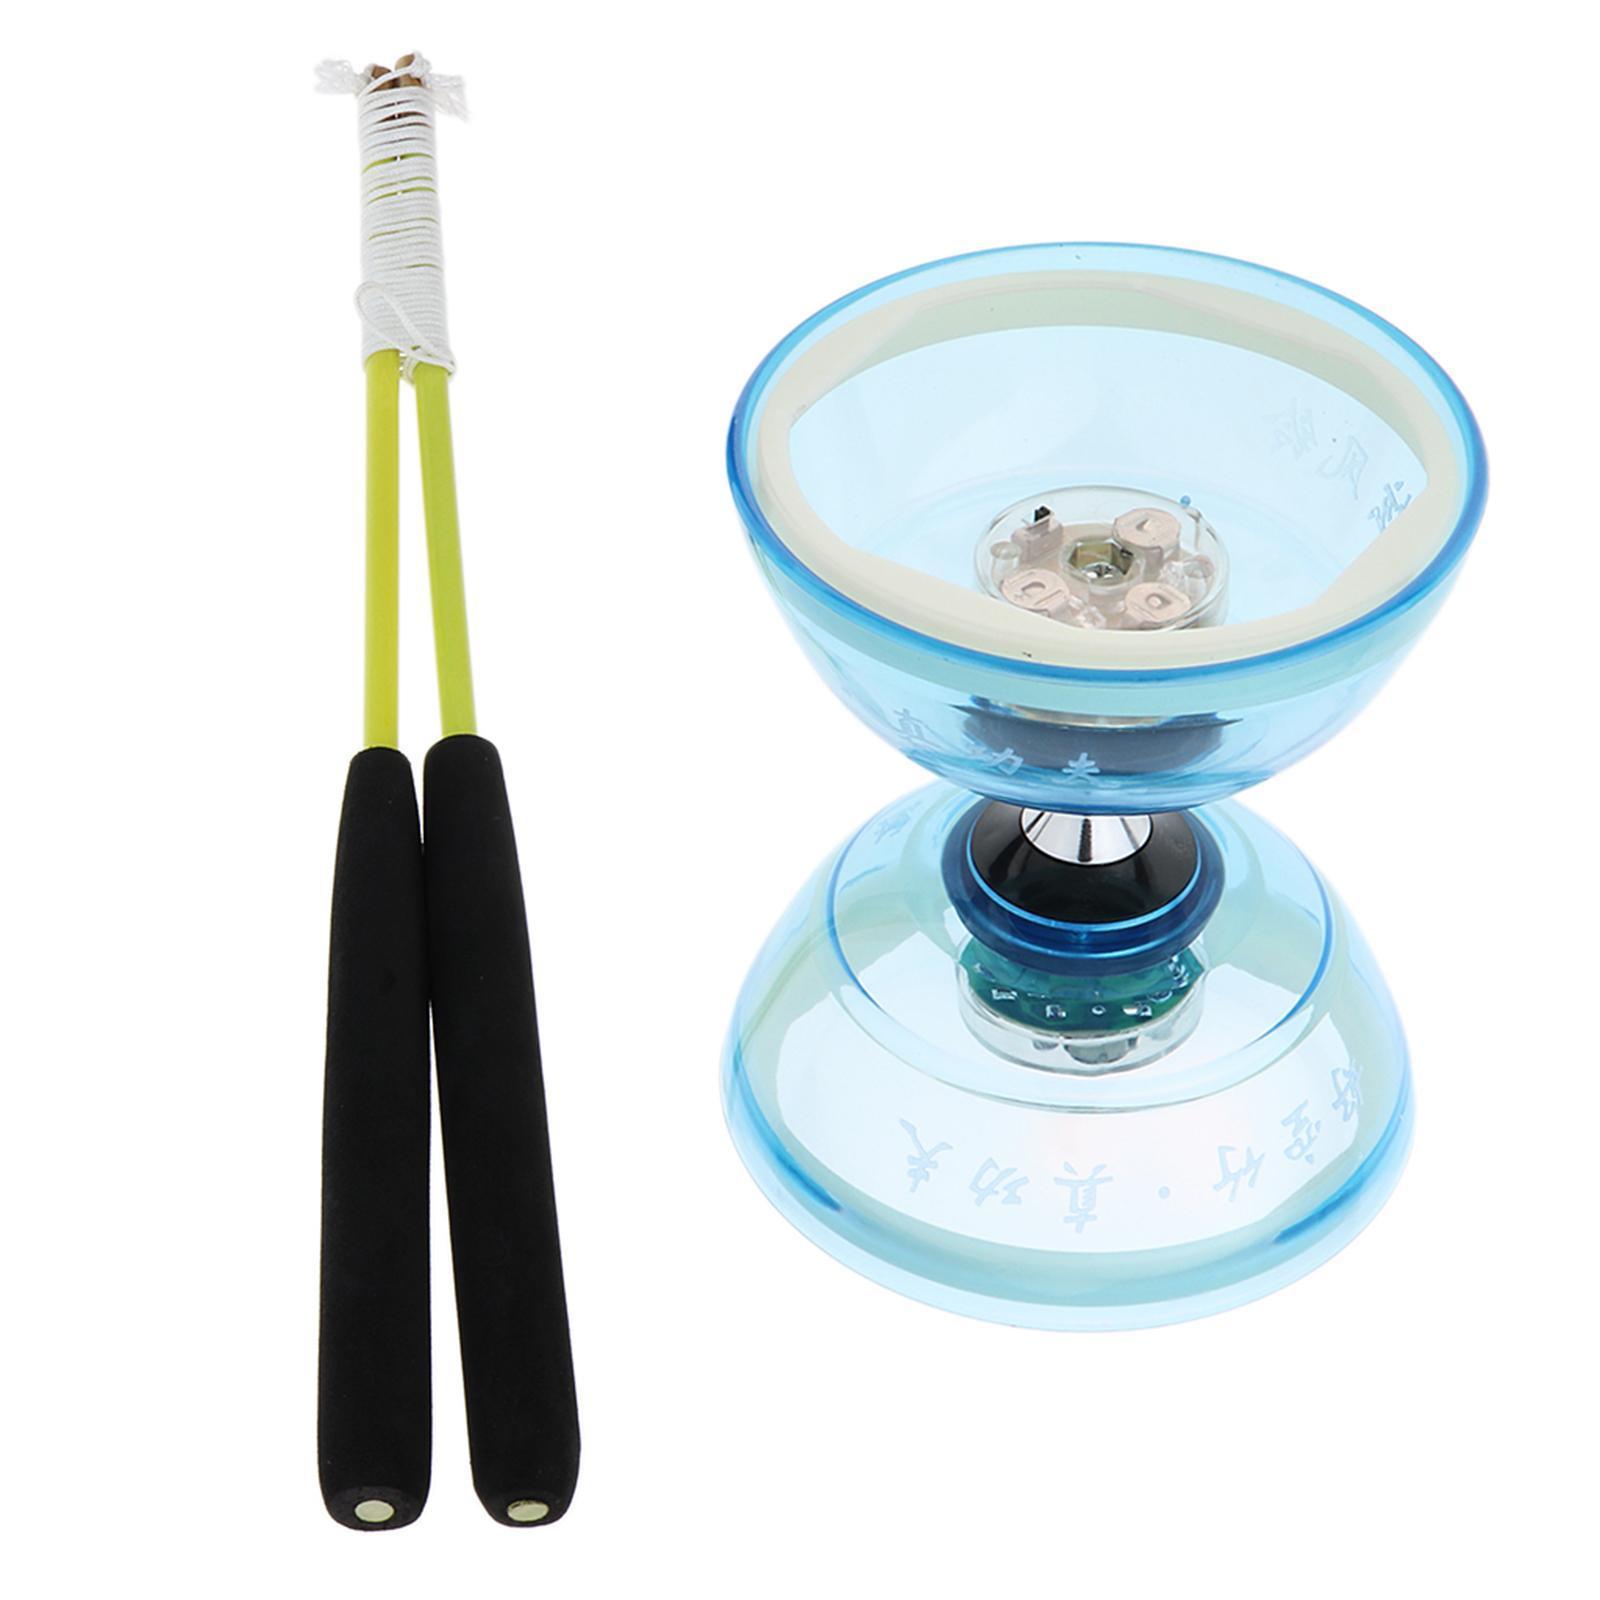 Giocattoli-Da-Giocoleria-Diabolo-Di-Plastica-Per-Acrobat-Light-Up miniatura 6